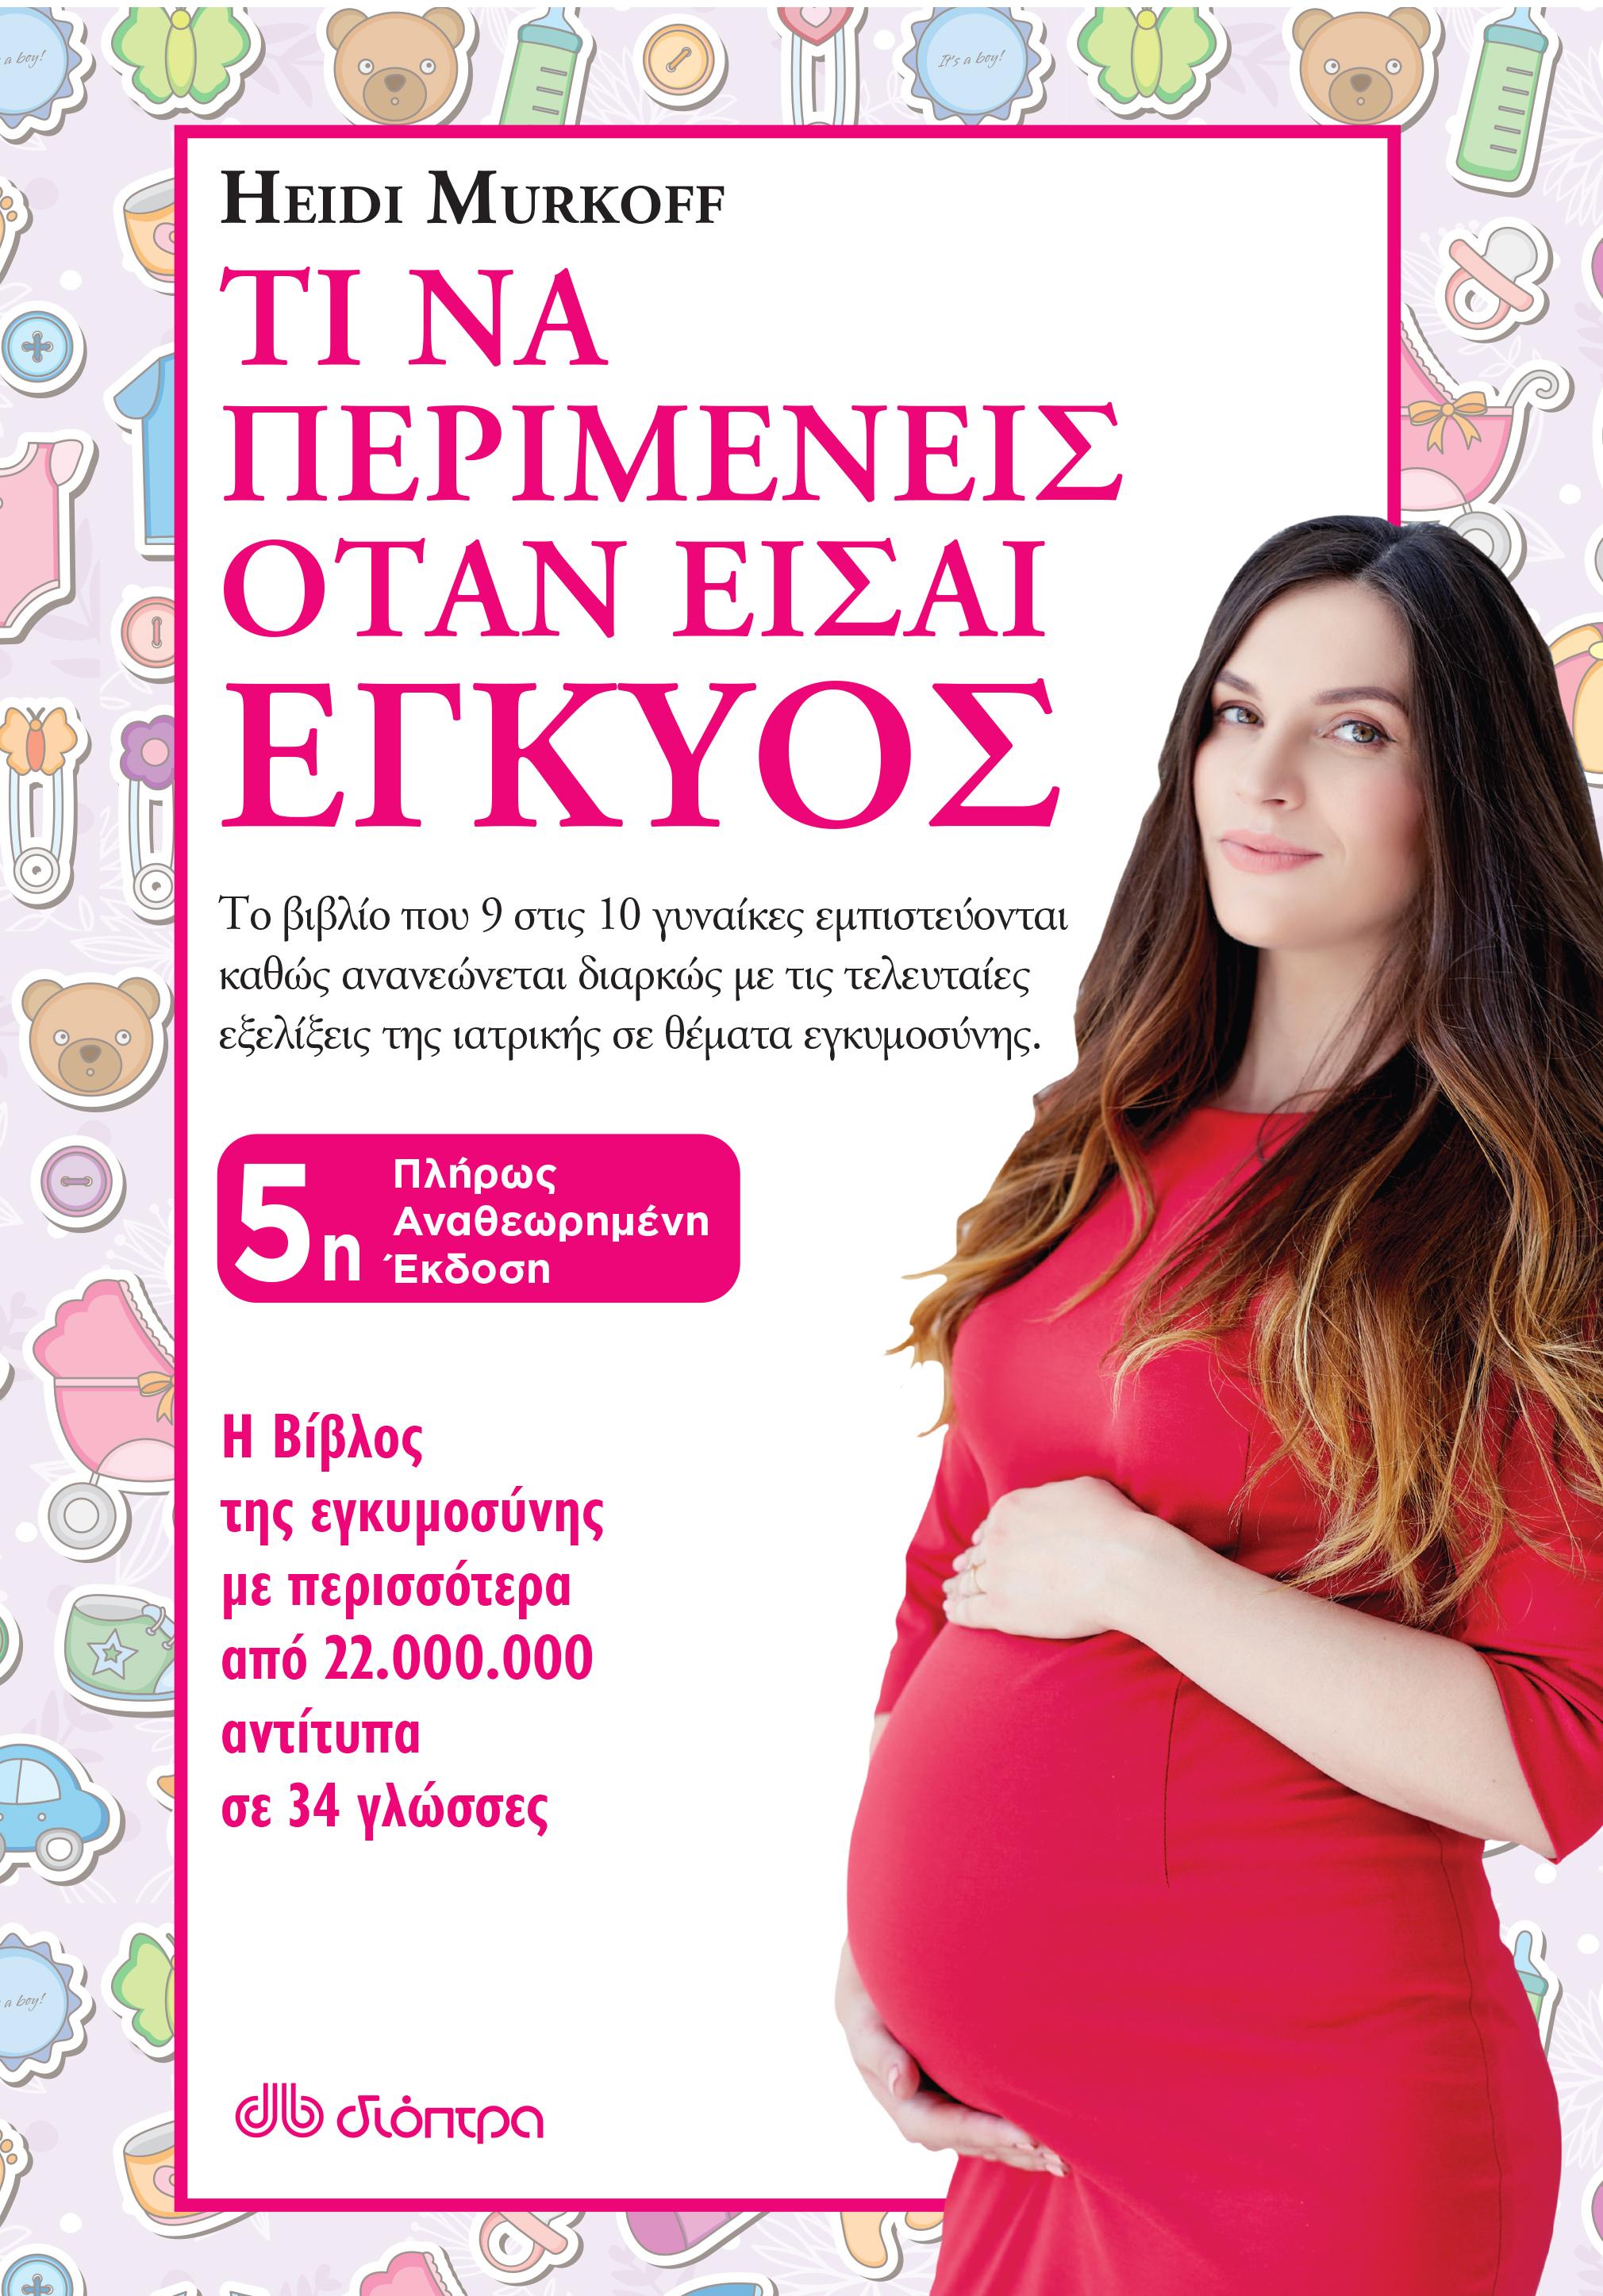 Τι να περιμένεις όταν είσαι έγκυος οικογενειακή φροντίδα